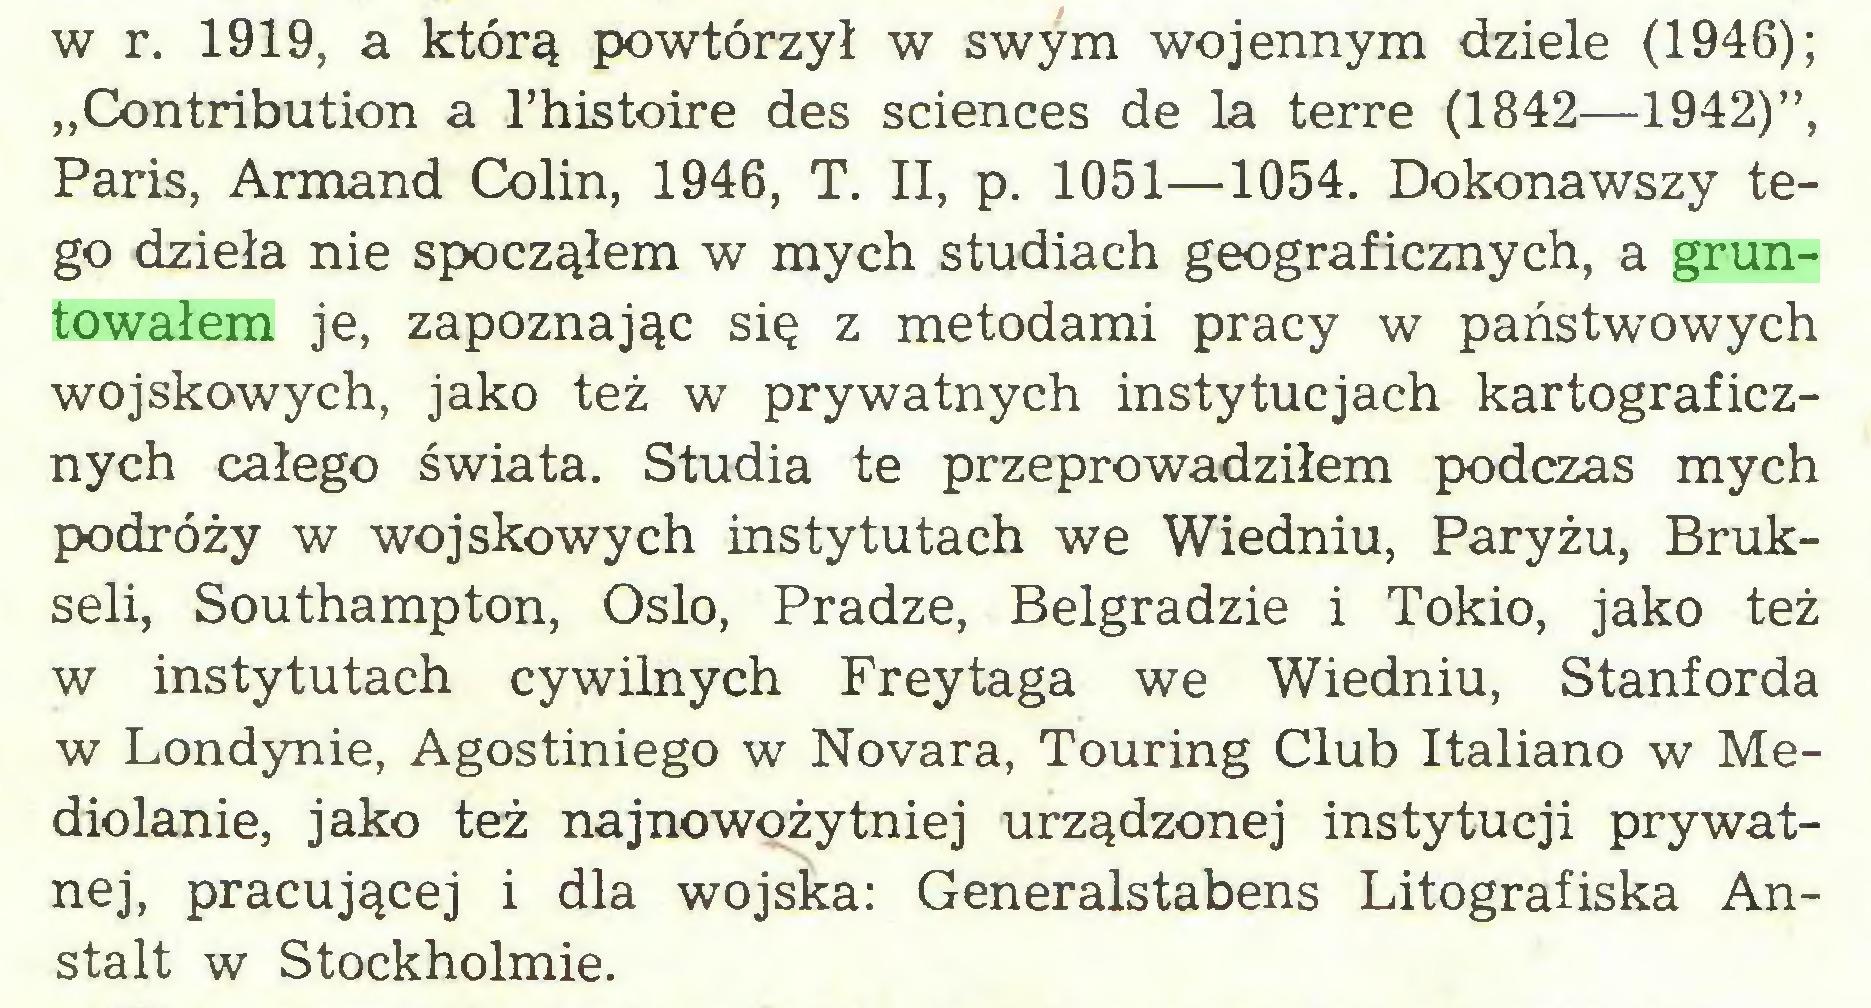 """(...) w r. 1919, a którą powtórzył w swym wojennym dziele (1946); """"Contribution a 1'histoire des Sciences de la terre (1842—1942)"""", Paris, Armand Colin, 1946, T. II, p. 1051—1054. Dokonawszy tego dzieła nie spocząłem w mych studiach geograficznych, a gruntowałem je, zapoznając się z metodami pracy w państwowych wojskowych, jako też w prywatnych instytucjach kartograficznych całego świata. Studia te przeprowadziłem podczas mych podróży w wojskowych instytutach we Wiedniu, Paryżu, Brukseli, Southampton, Oslo, Pradze, Belgradzie i Tokio, jako też w instytutach cywilnych Freytaga we Wiedniu, Stanforda w Londynie, Agostiniego w Novara, Touring Club Italiano w Mediolanie, jako też najnowożytniej urządzonej instytucji prywatnej, pracującej i dla wojska: Generalstabens Litografiska Anstalt w Stockholmie..."""